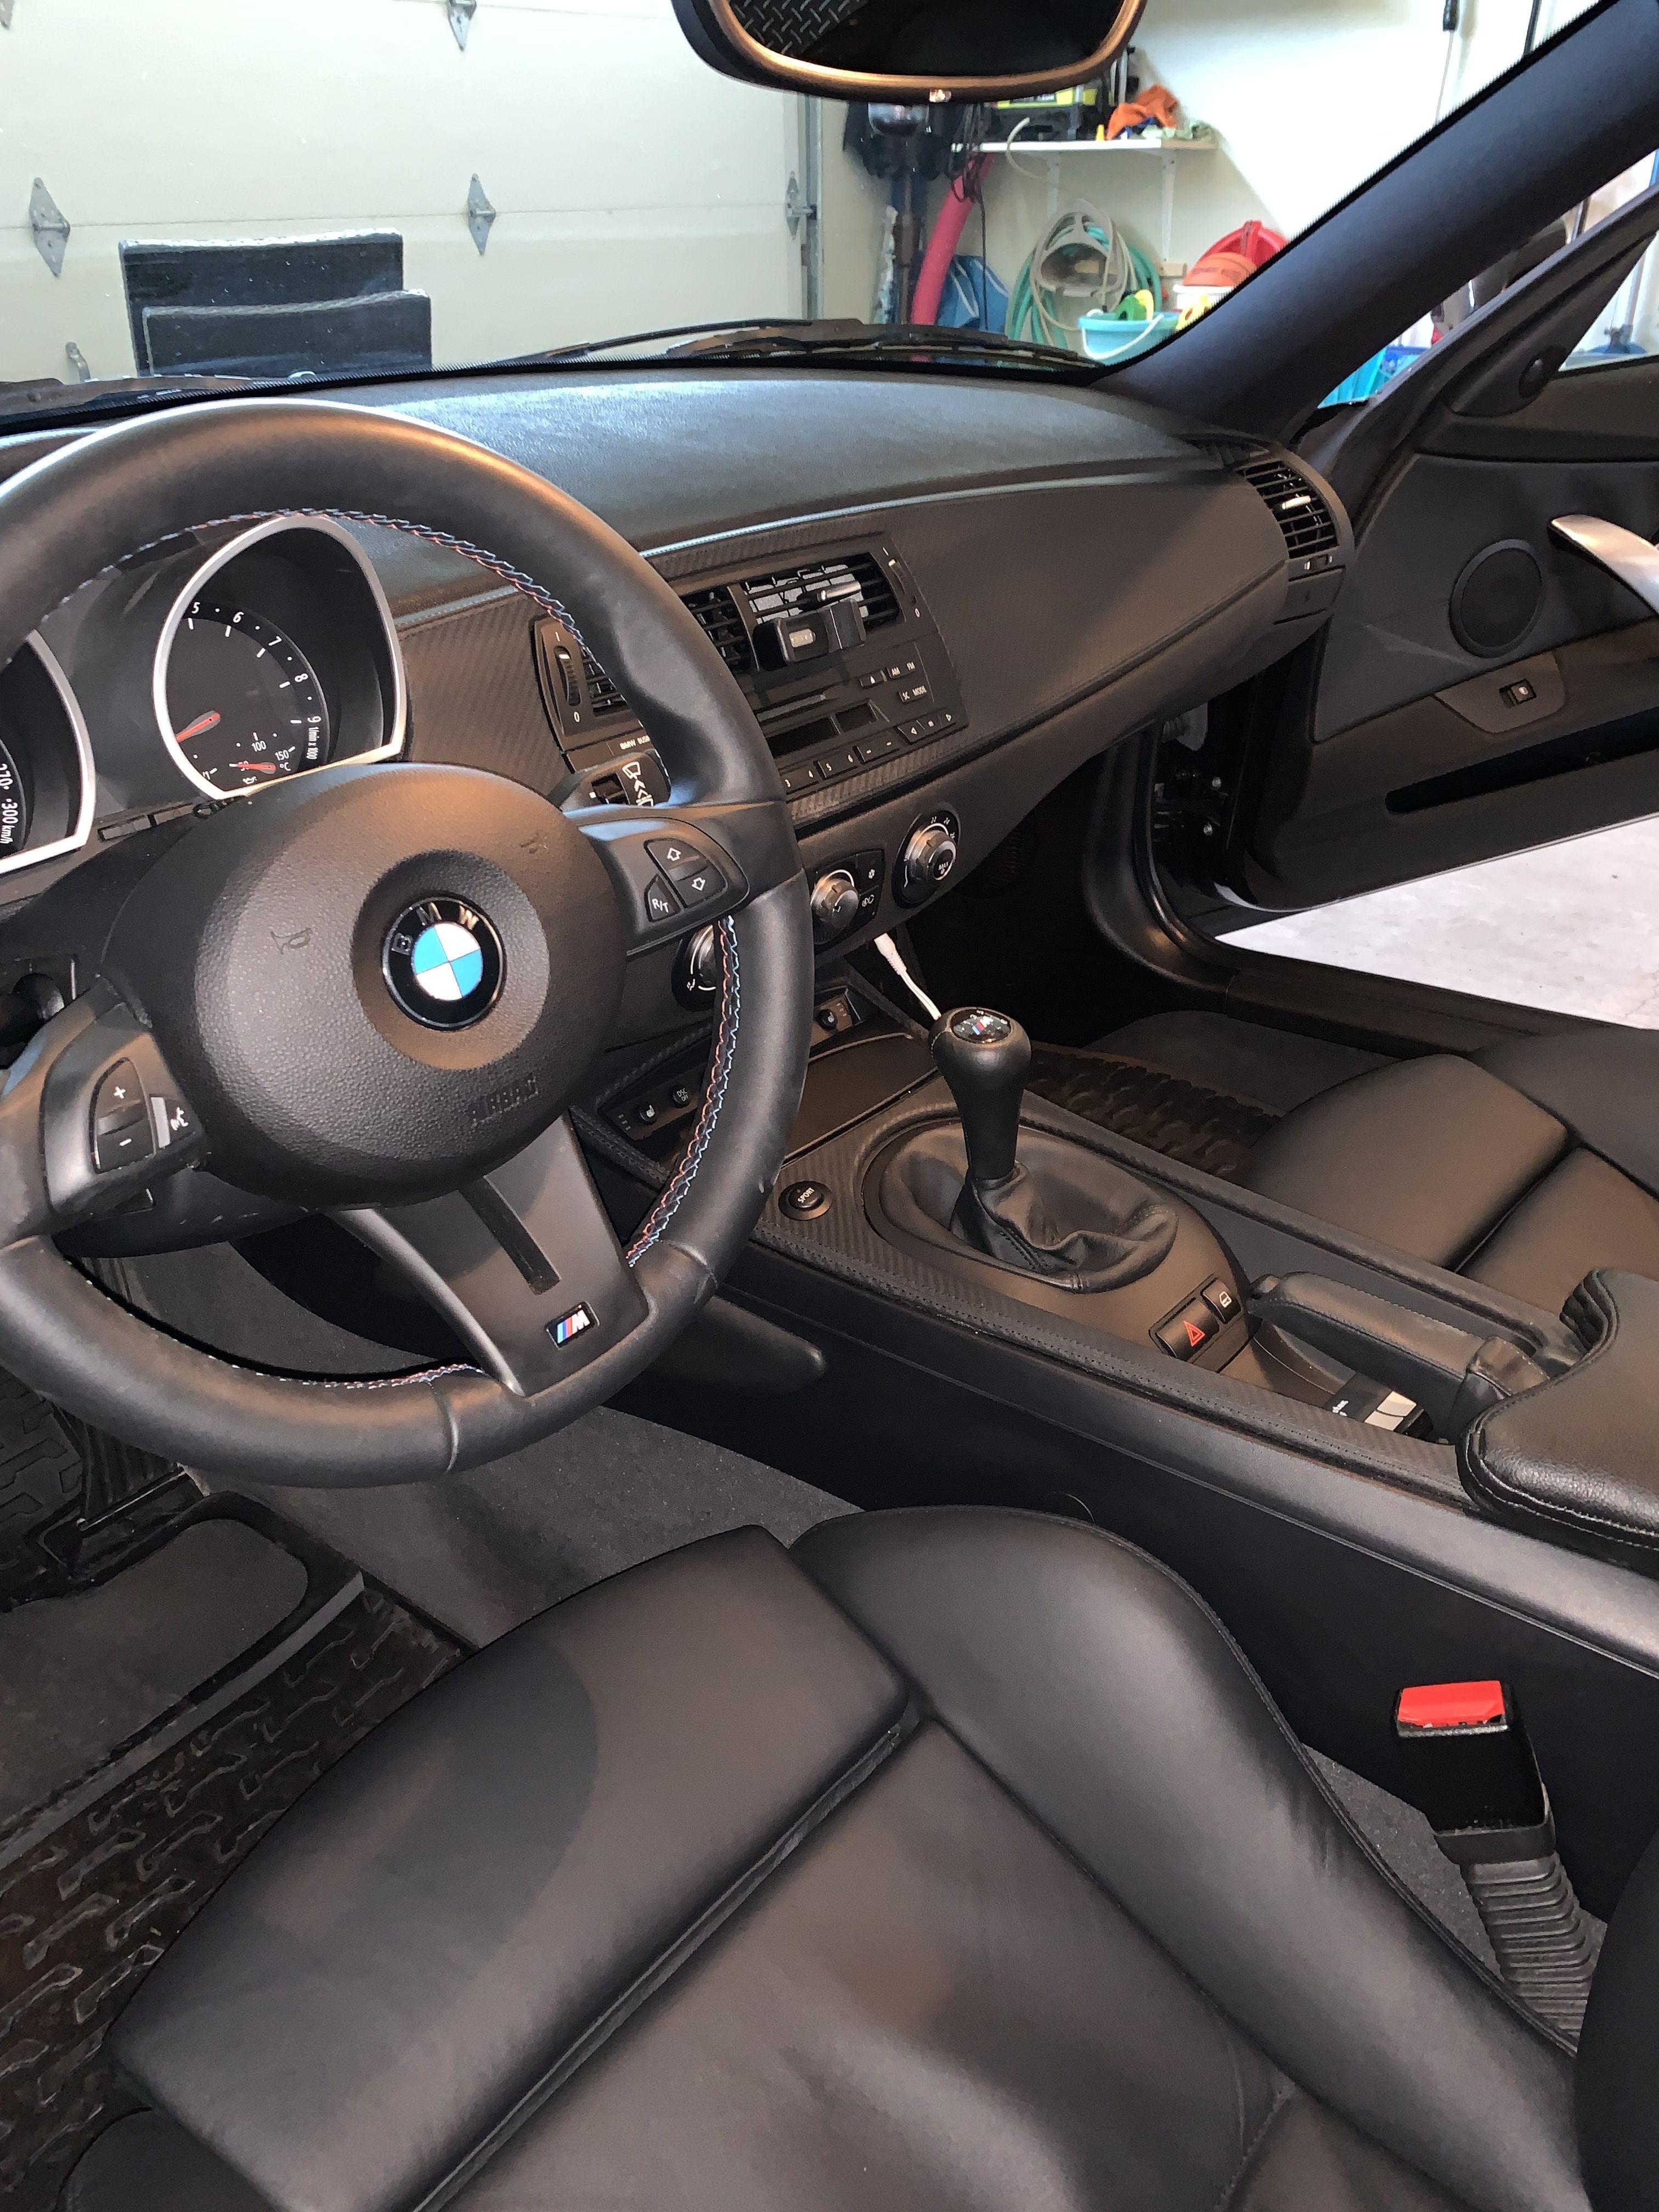 Leather Interior Bmw Z4 M Coupe Bmw Z4 Bmw Z4 M And Bmw In 2020 Bmw Z4 Bmw Z4 M Bmw